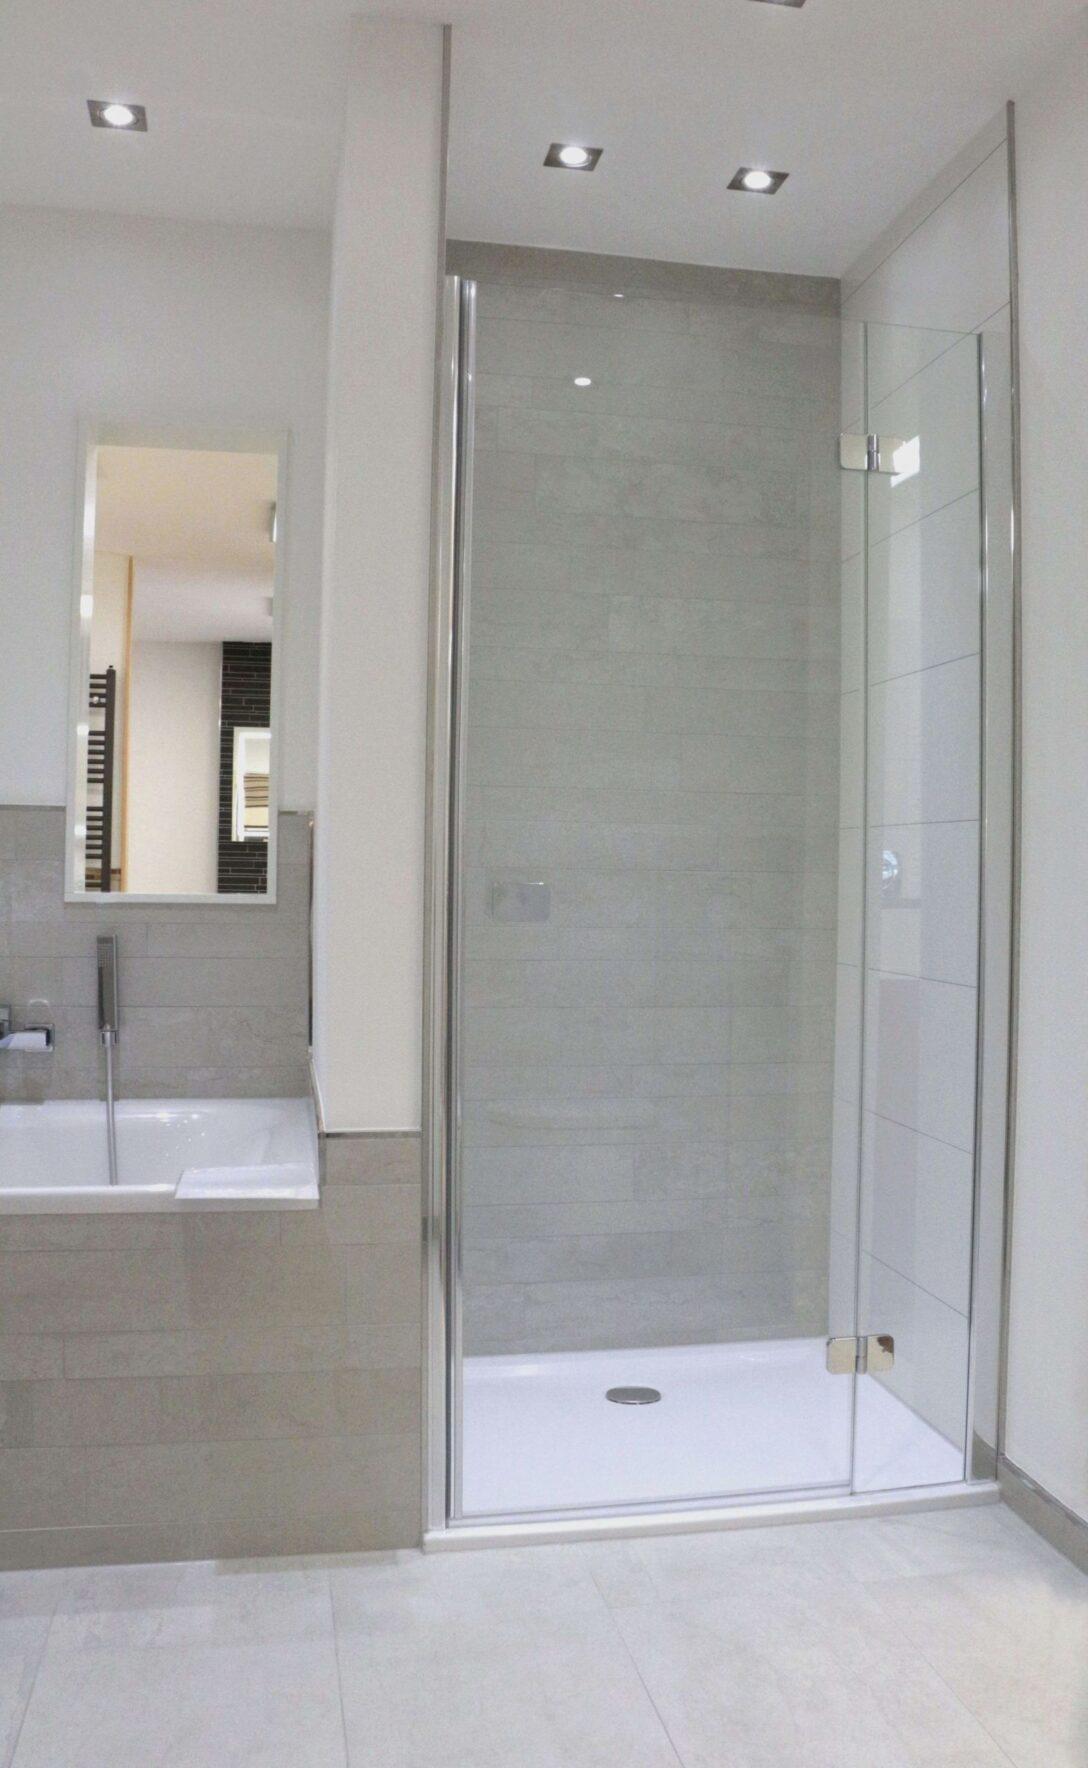 Large Size of Dusche Bodengleich Ebenerdige Ablauf Begehbare Fliesen Bodengleiche Duschen Schiebetür Badewanne Kosten Kaufen Unterputz Behindertengerechte Glastrennwand Dusche Dusche Bodengleich